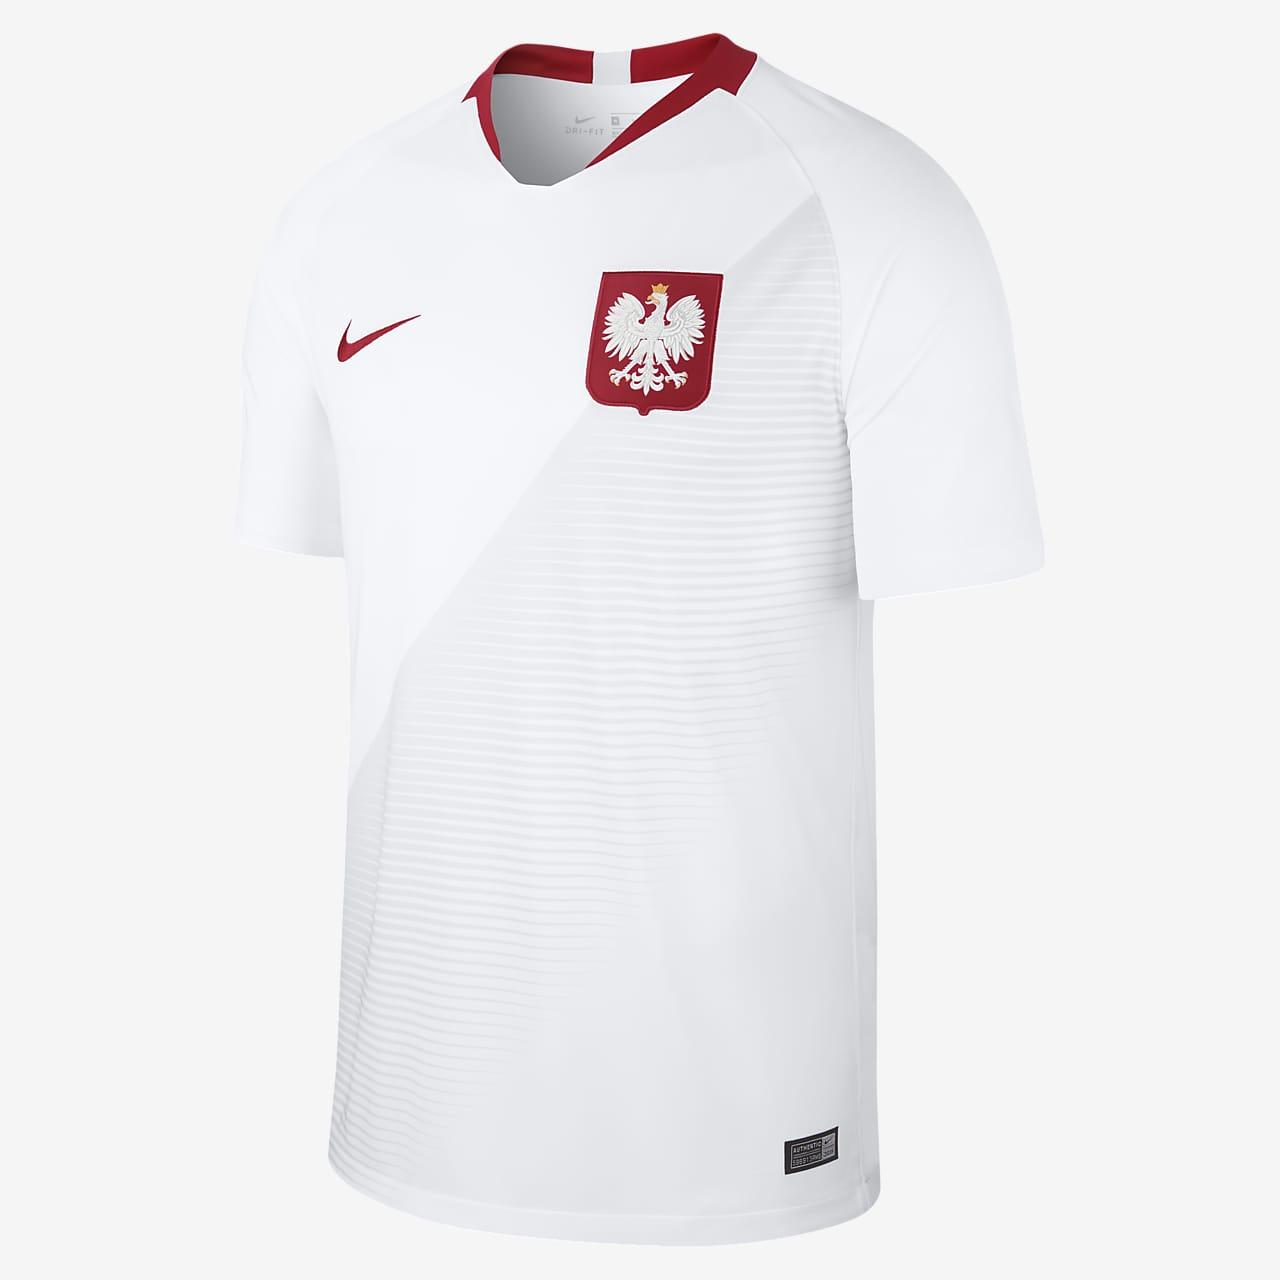 2018 Polen Stadium Home Herren-Fußballtrikot